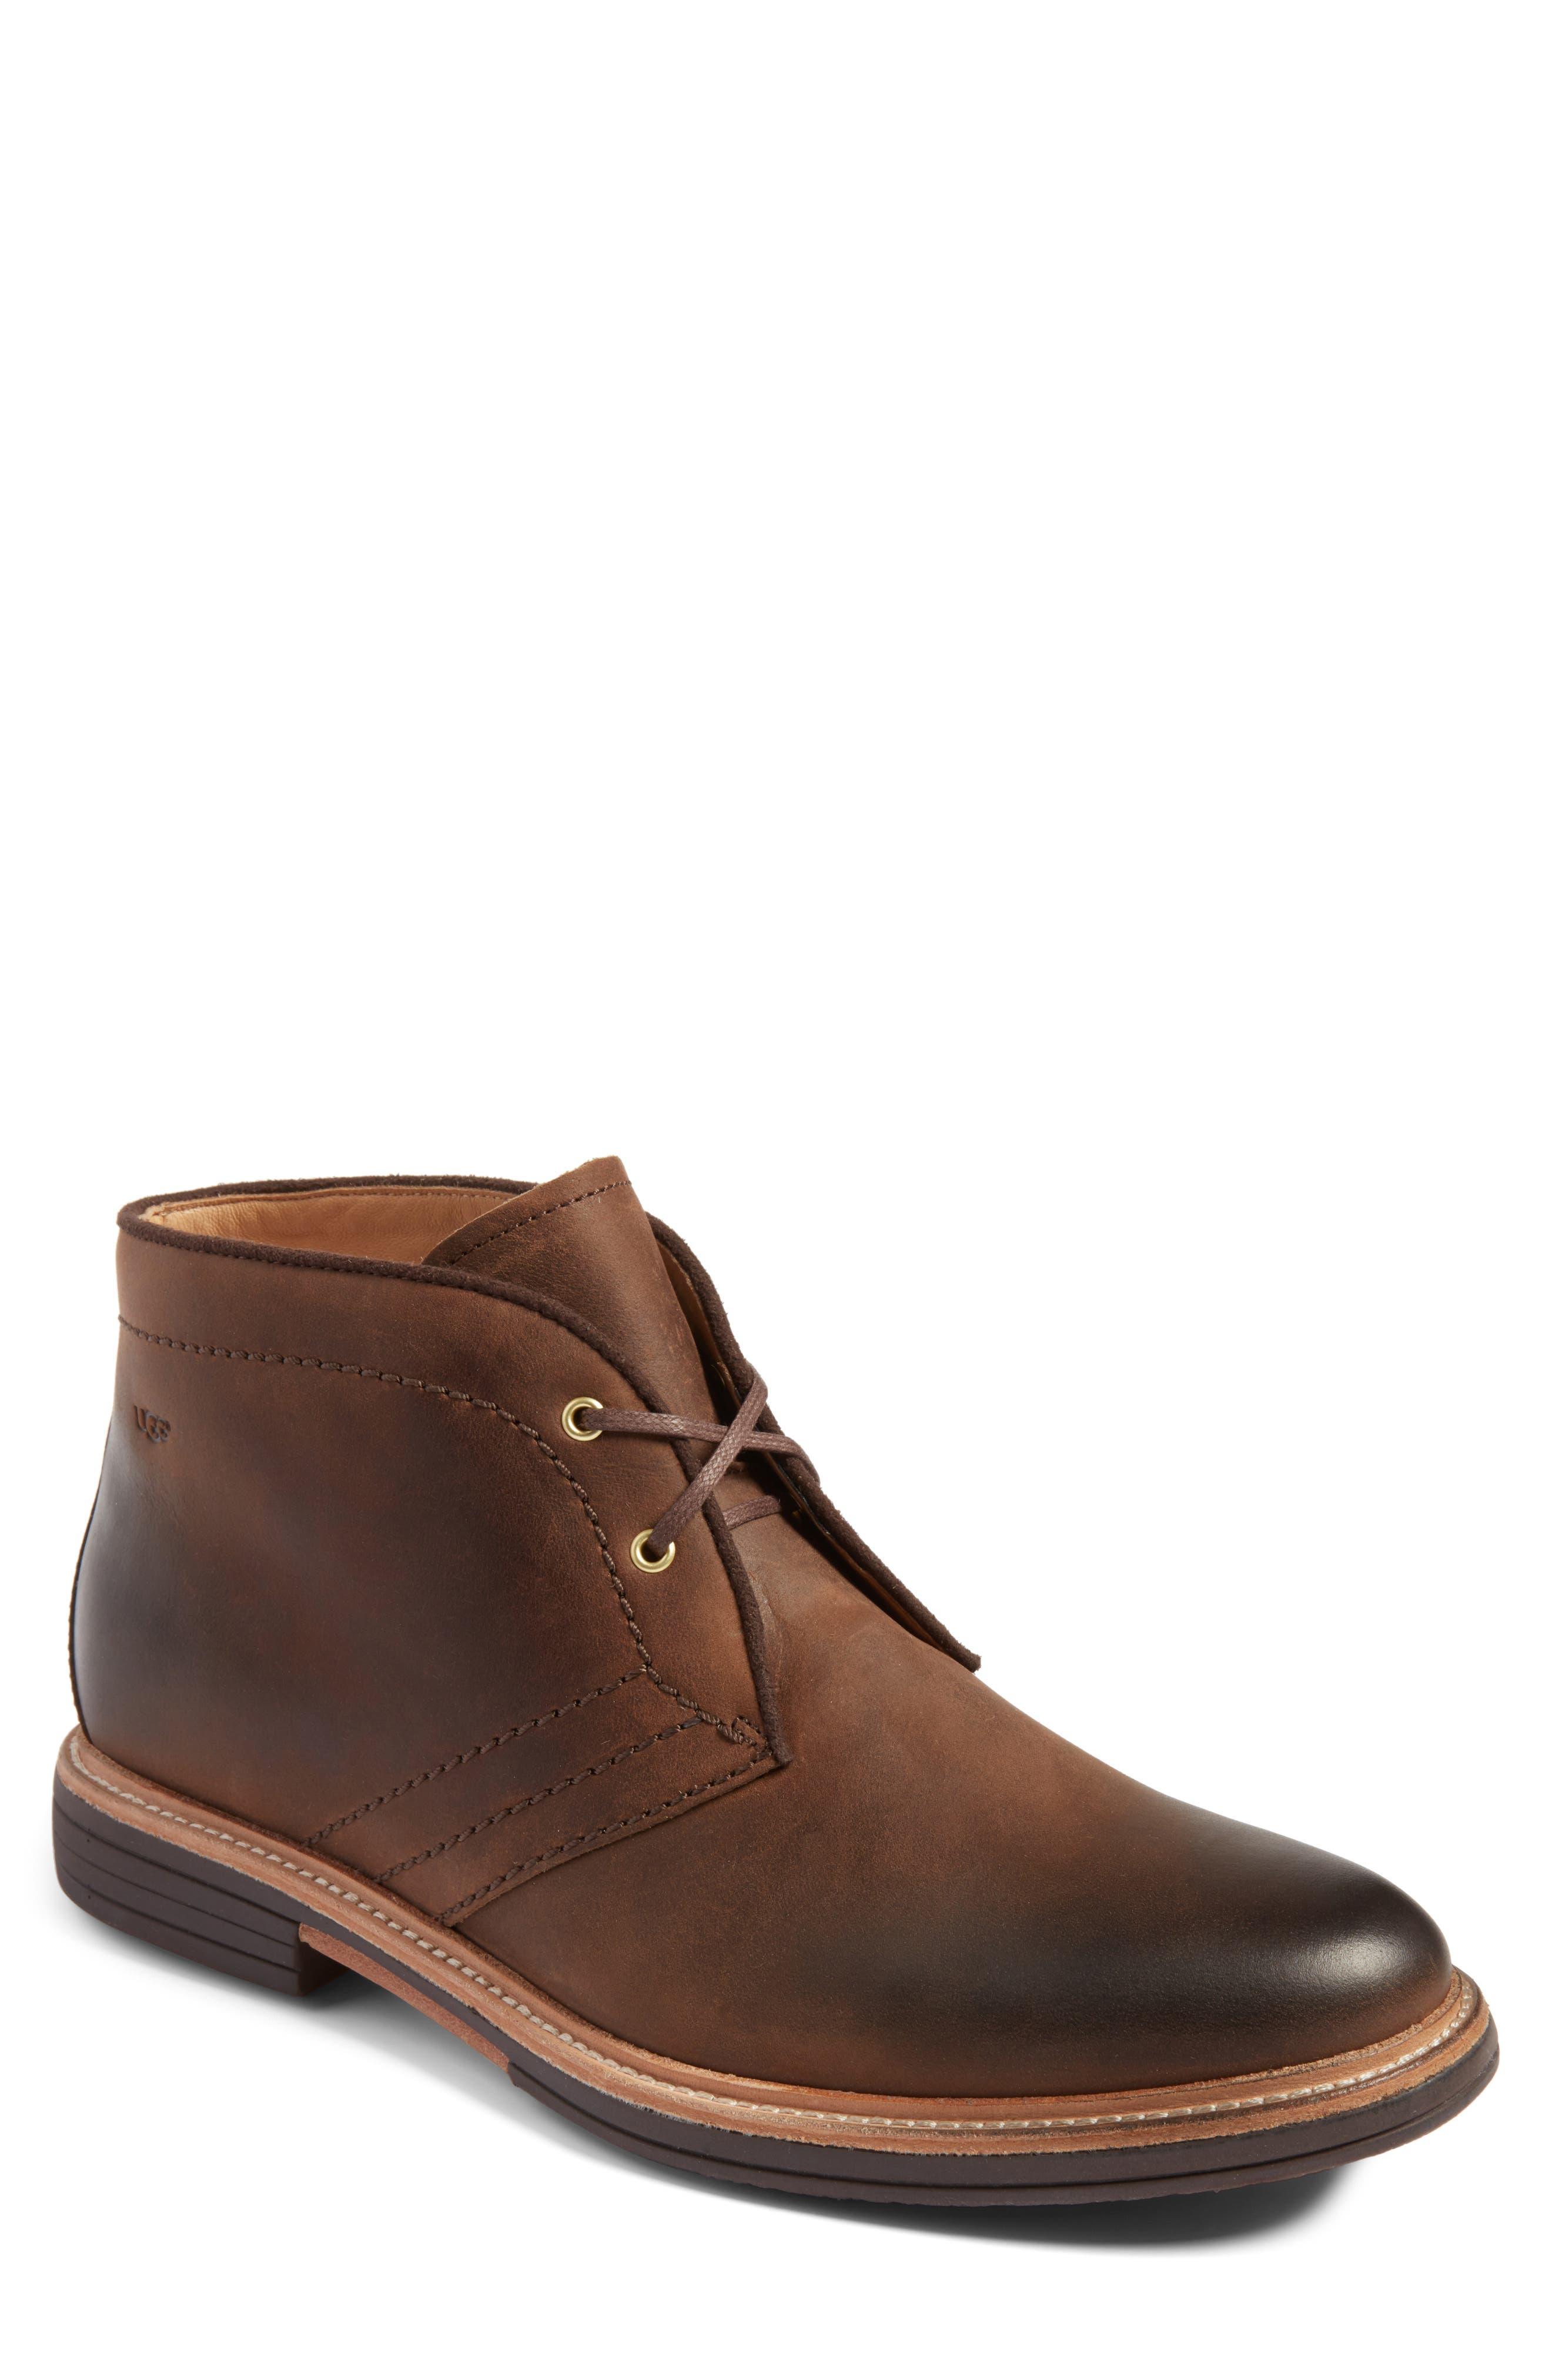 Australia Dagmann Chukka Boot,                         Main,                         color, GRIZZLY